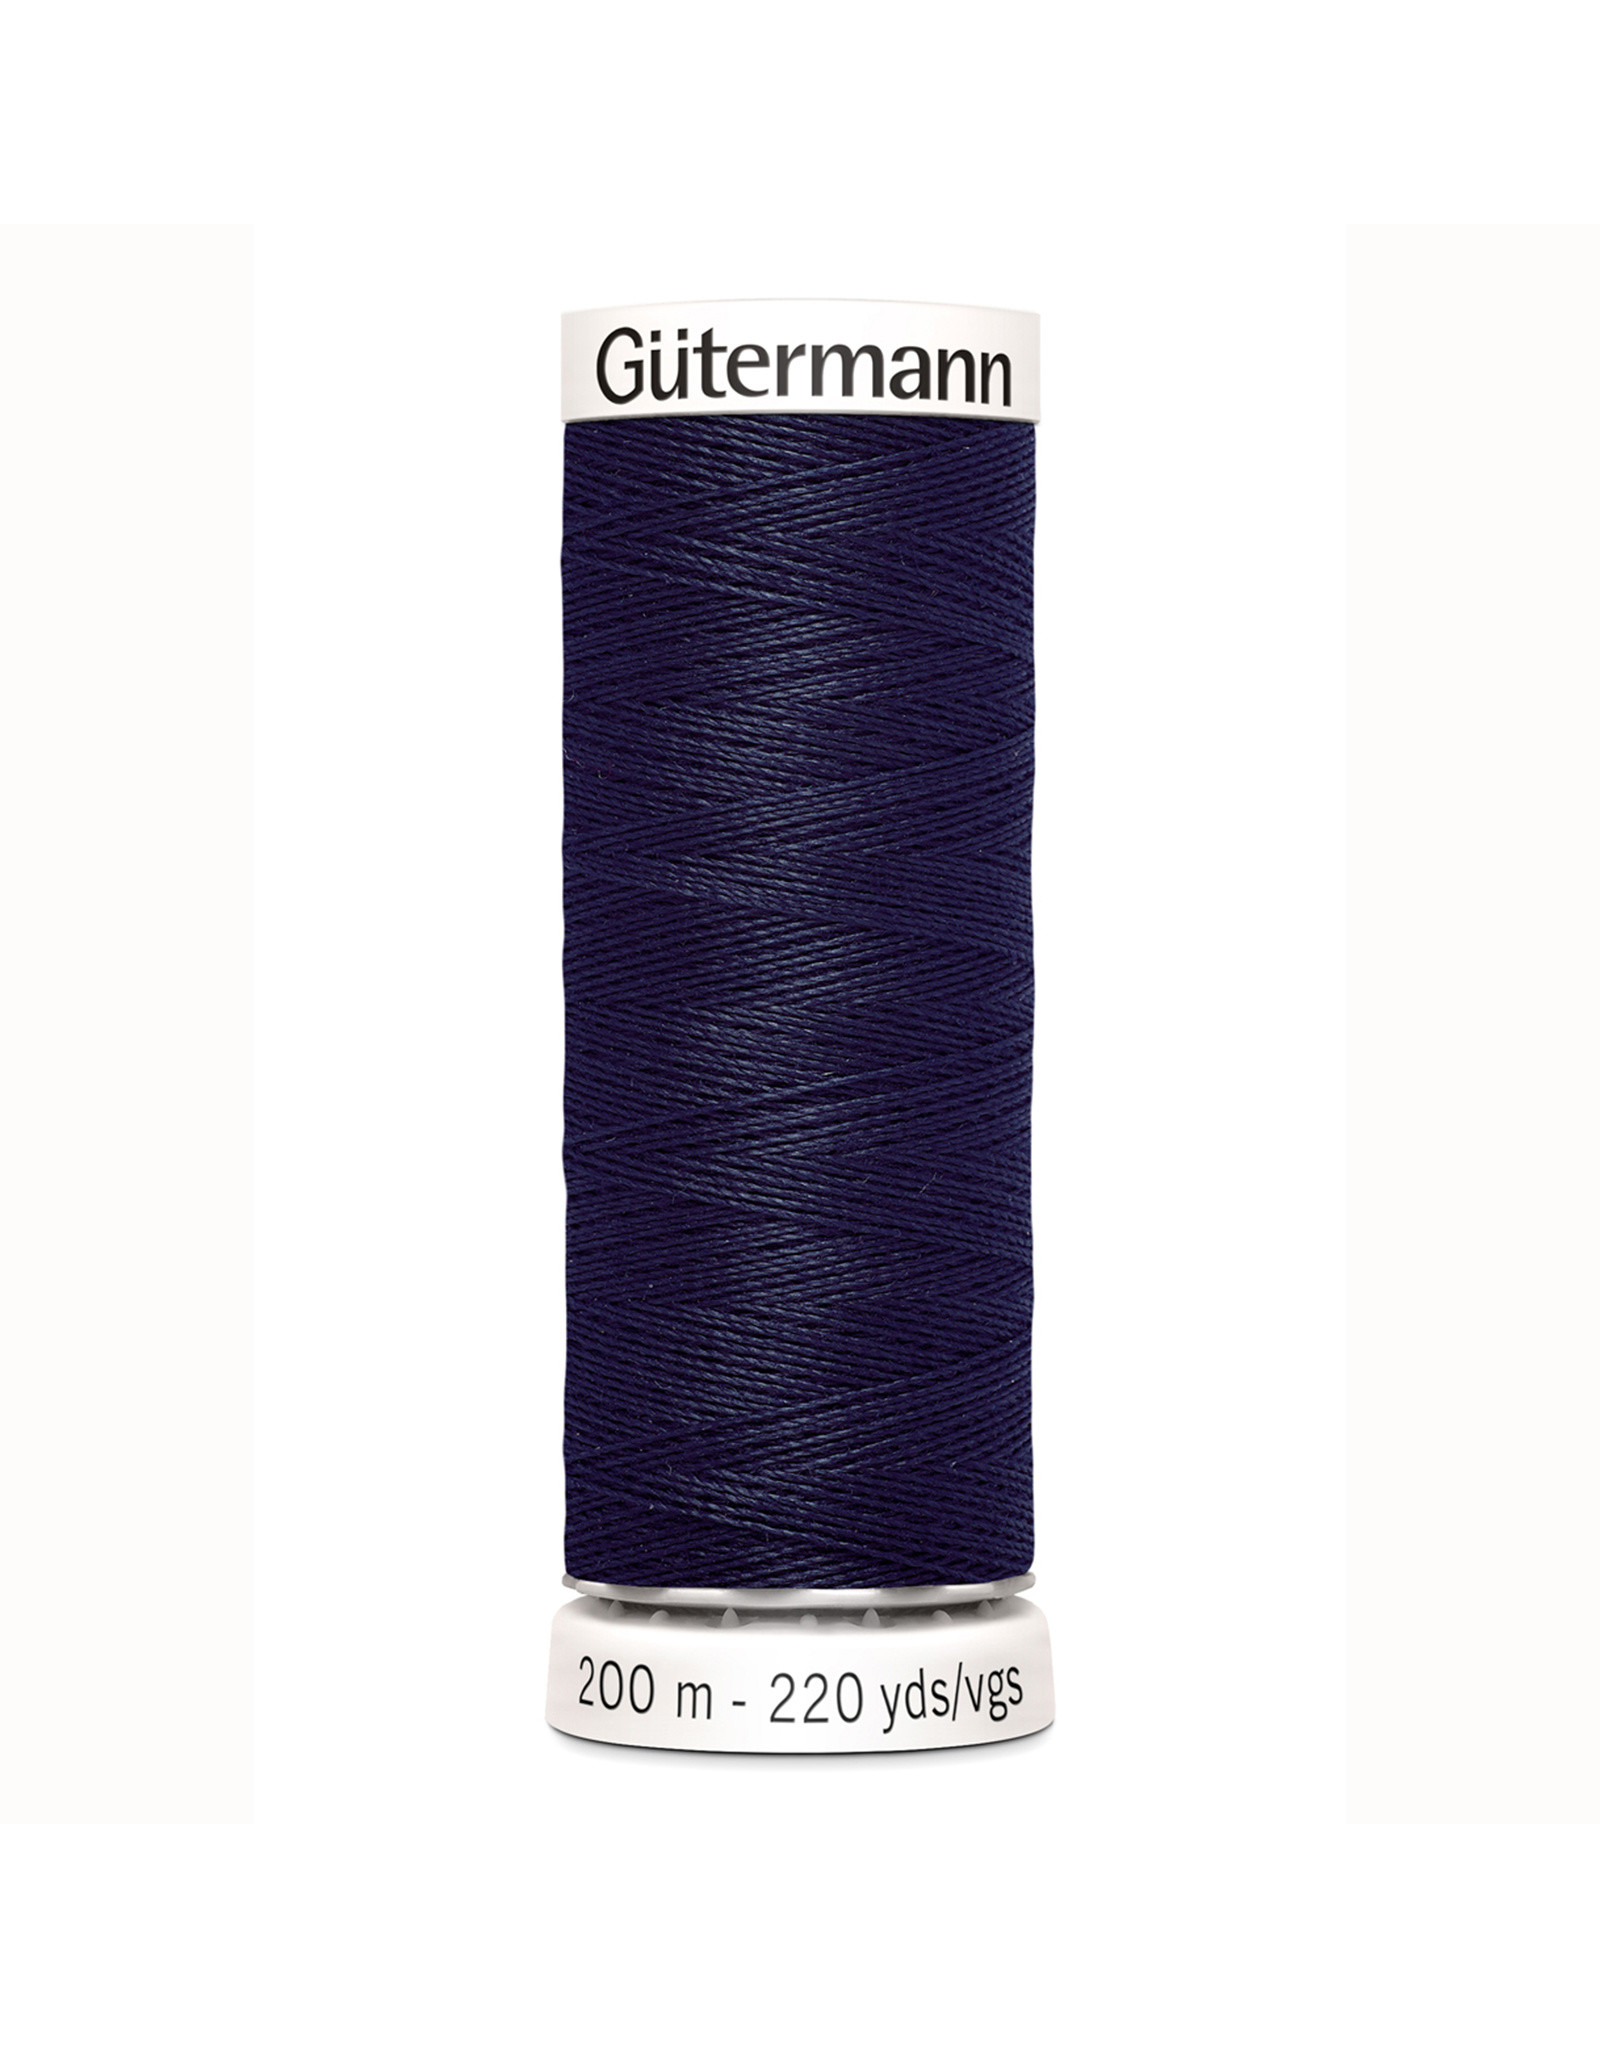 Gütermann Gütermann Sewing Thread 200 m - nr 339